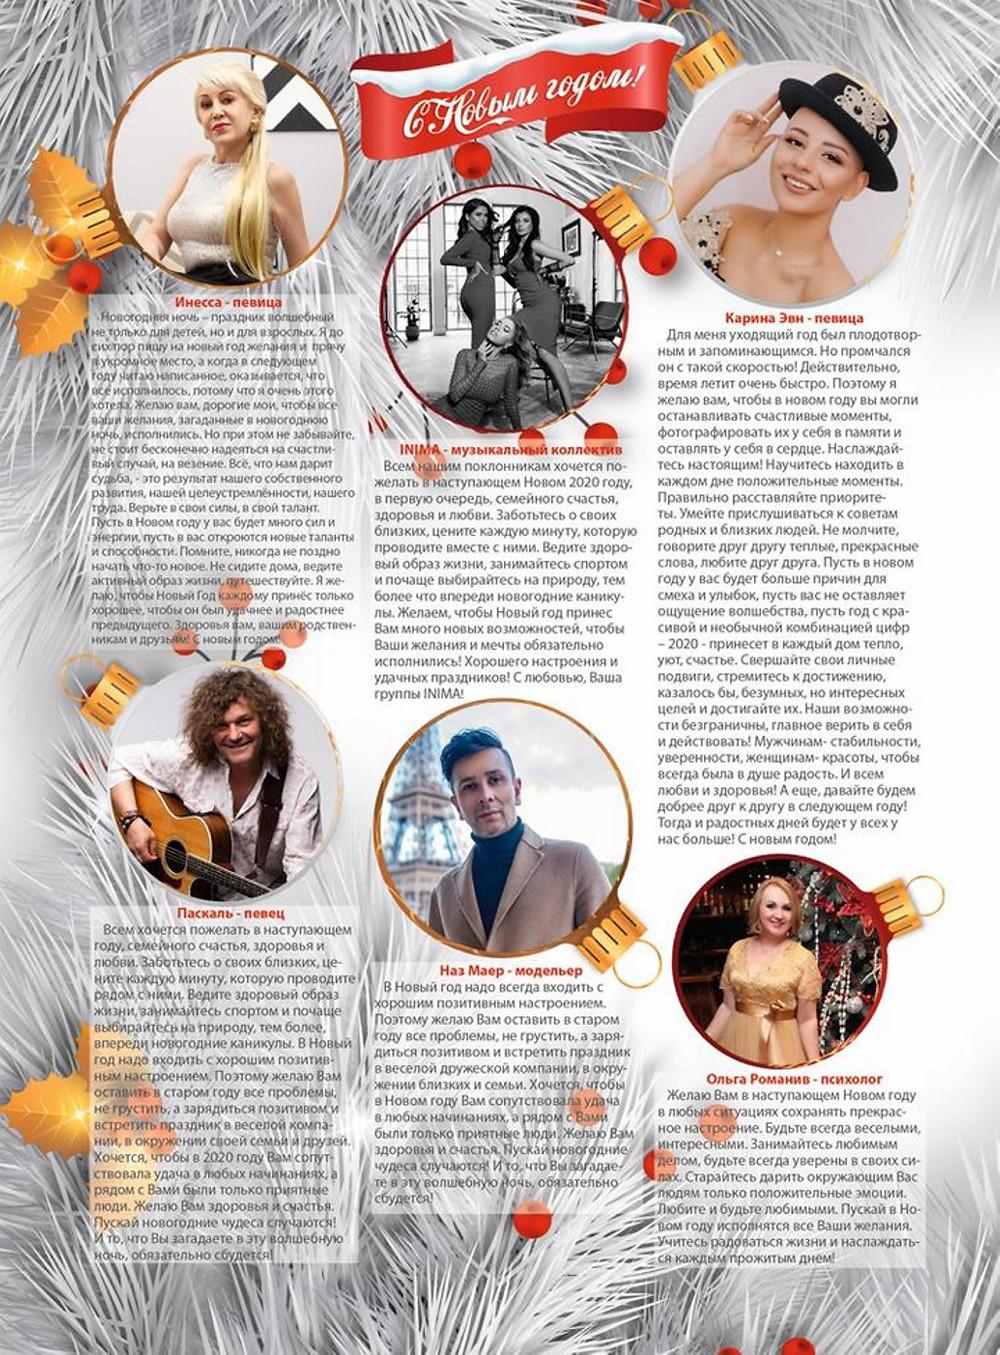 Инесса - Читайте мои поздравления с Новым годом в декабрьском номере журнала Успех